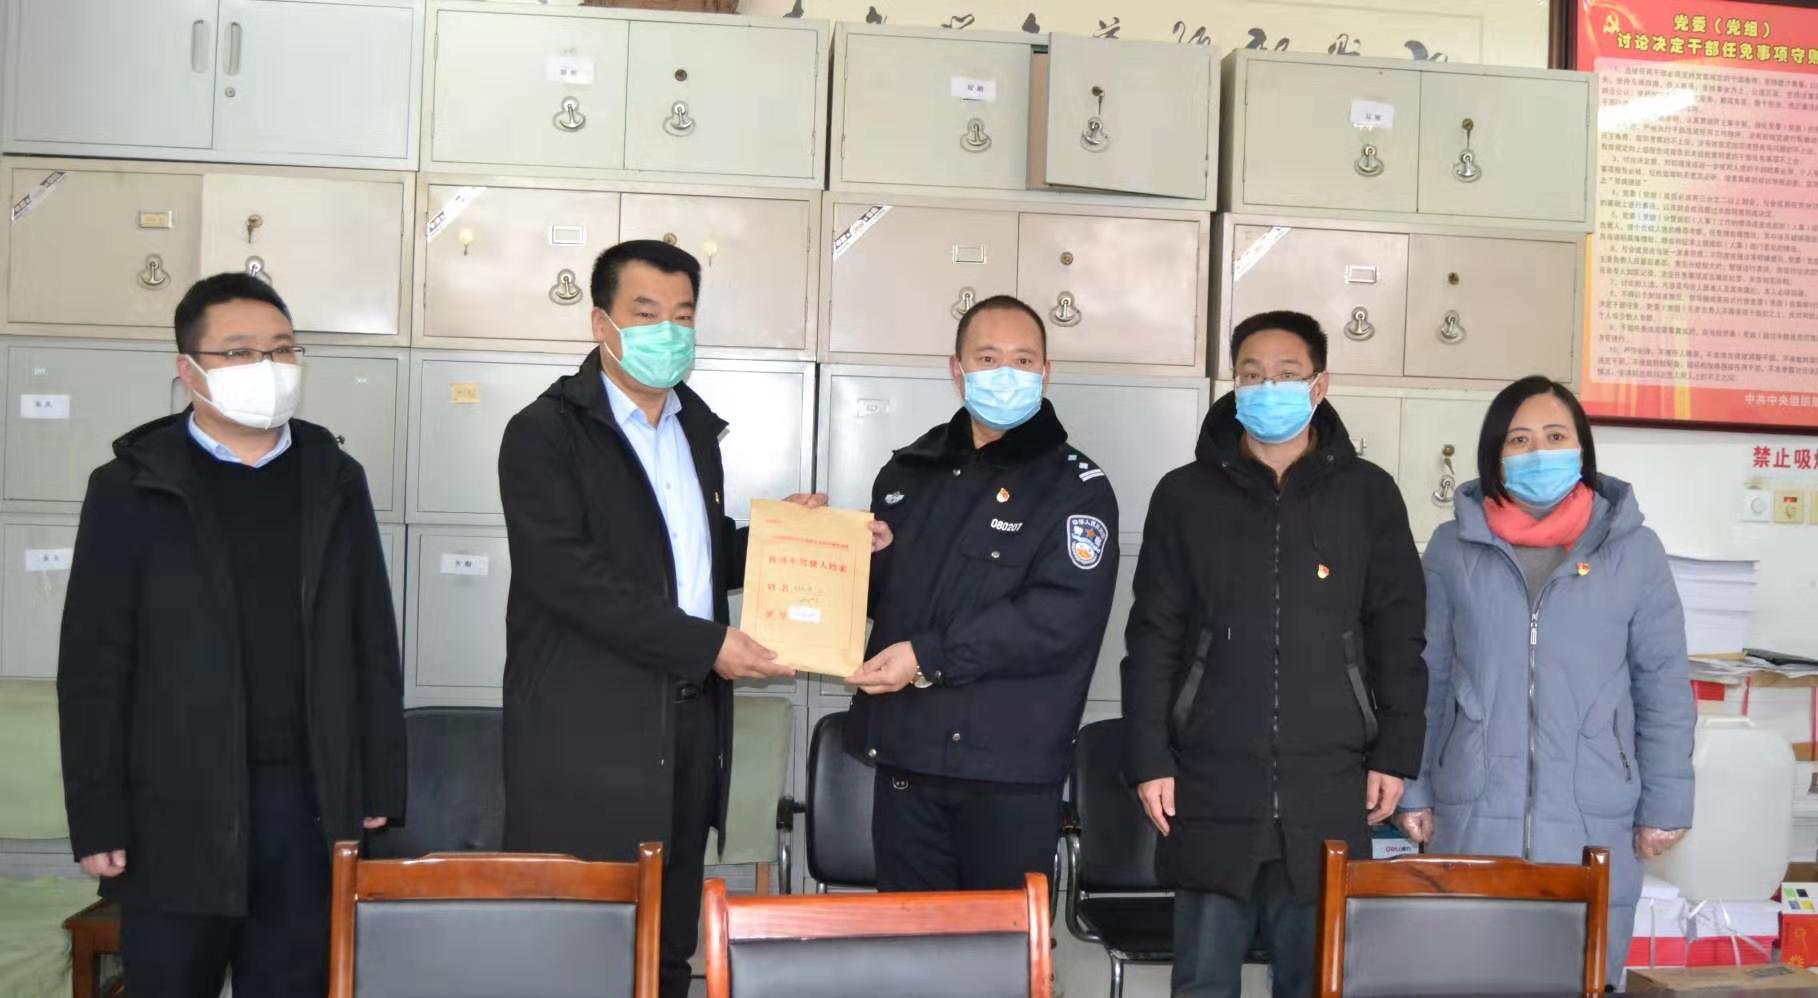 廊坊:大城县公安交警大队开展防控疫情爱心捐款活动